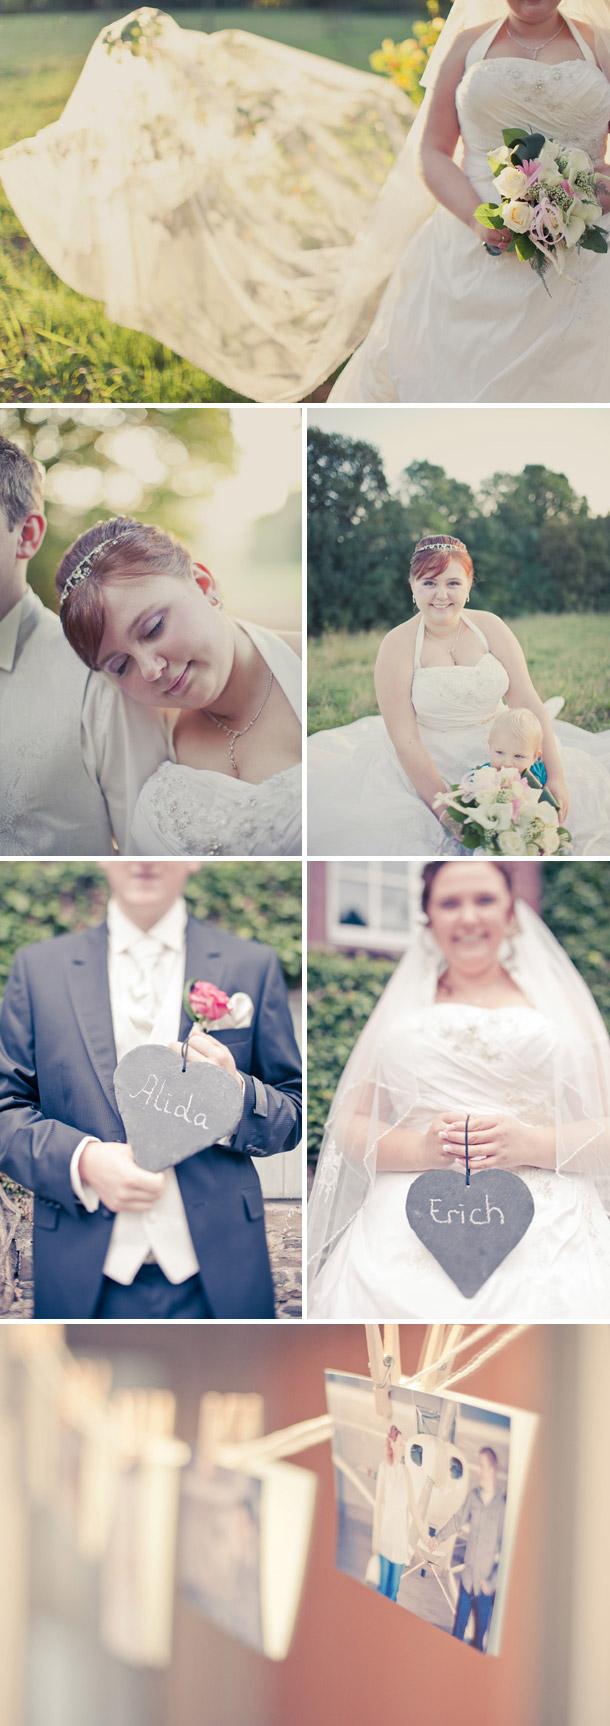 Alida und Erichs Hochzeit bei Martin Wall Photography